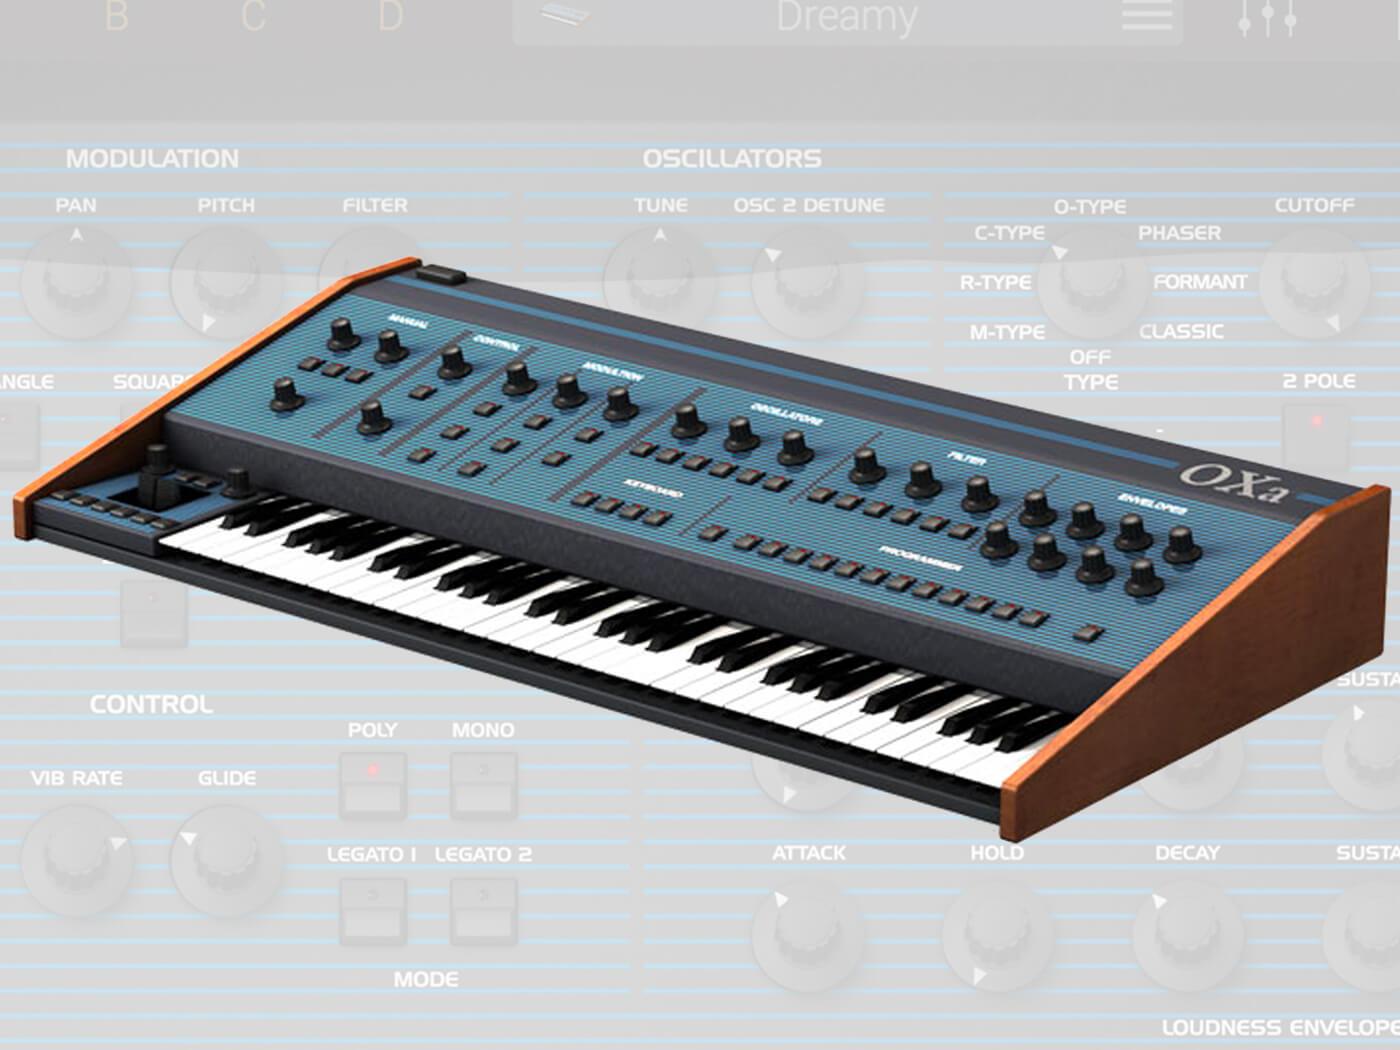 IK Multimedia gives away Oberheim emulator, Syntronik OXa | MusicTech